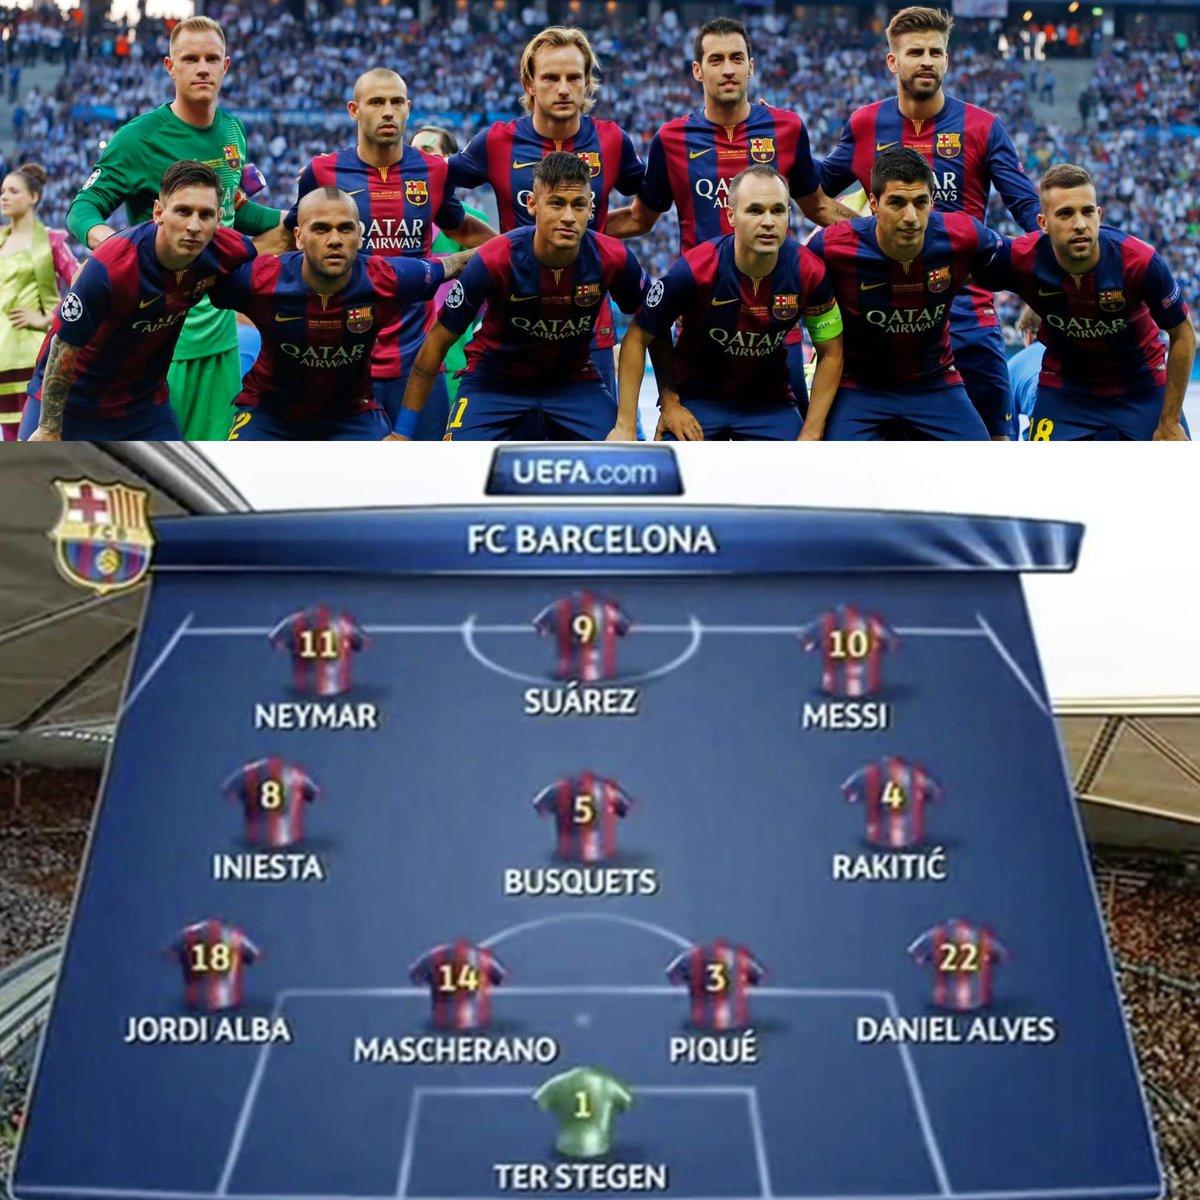 El XI del Barça en la final de la UEFA Champions League ante la Juventus. Hoy hace 5 años, con este equipo, el FC Barcelona se convertía en el primer club capaz de ganar DOS TRIPLETES en toda la historia del deporte. GLORIA ETERNA.